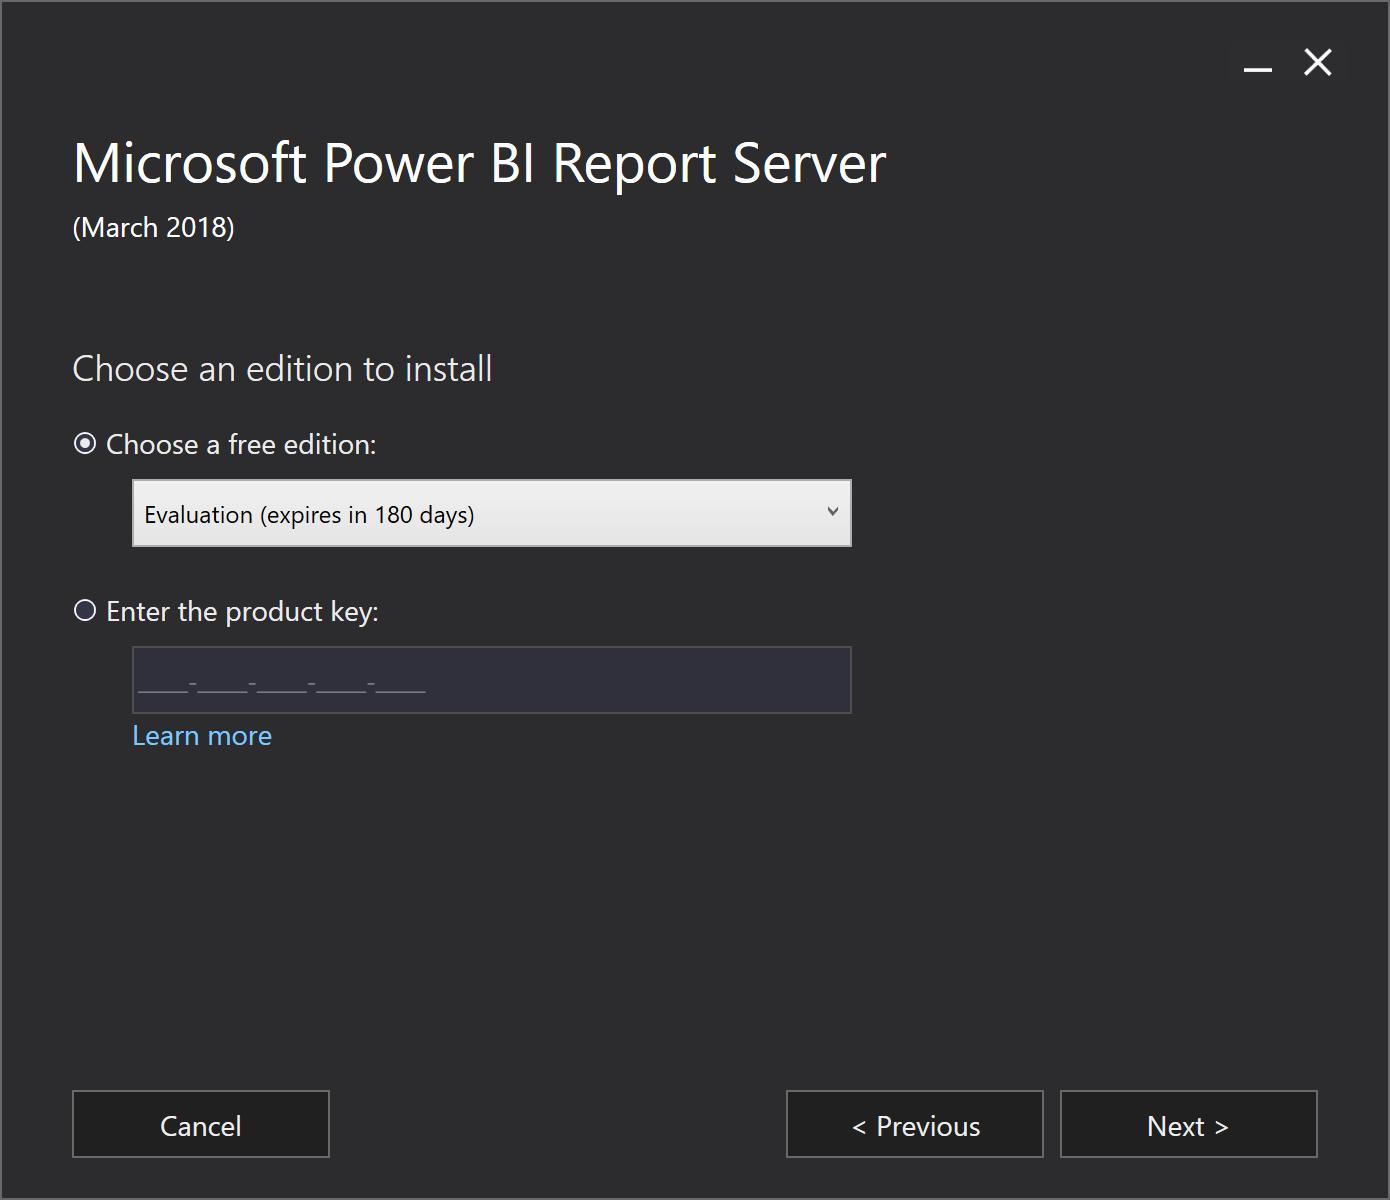 Power BI Report Server